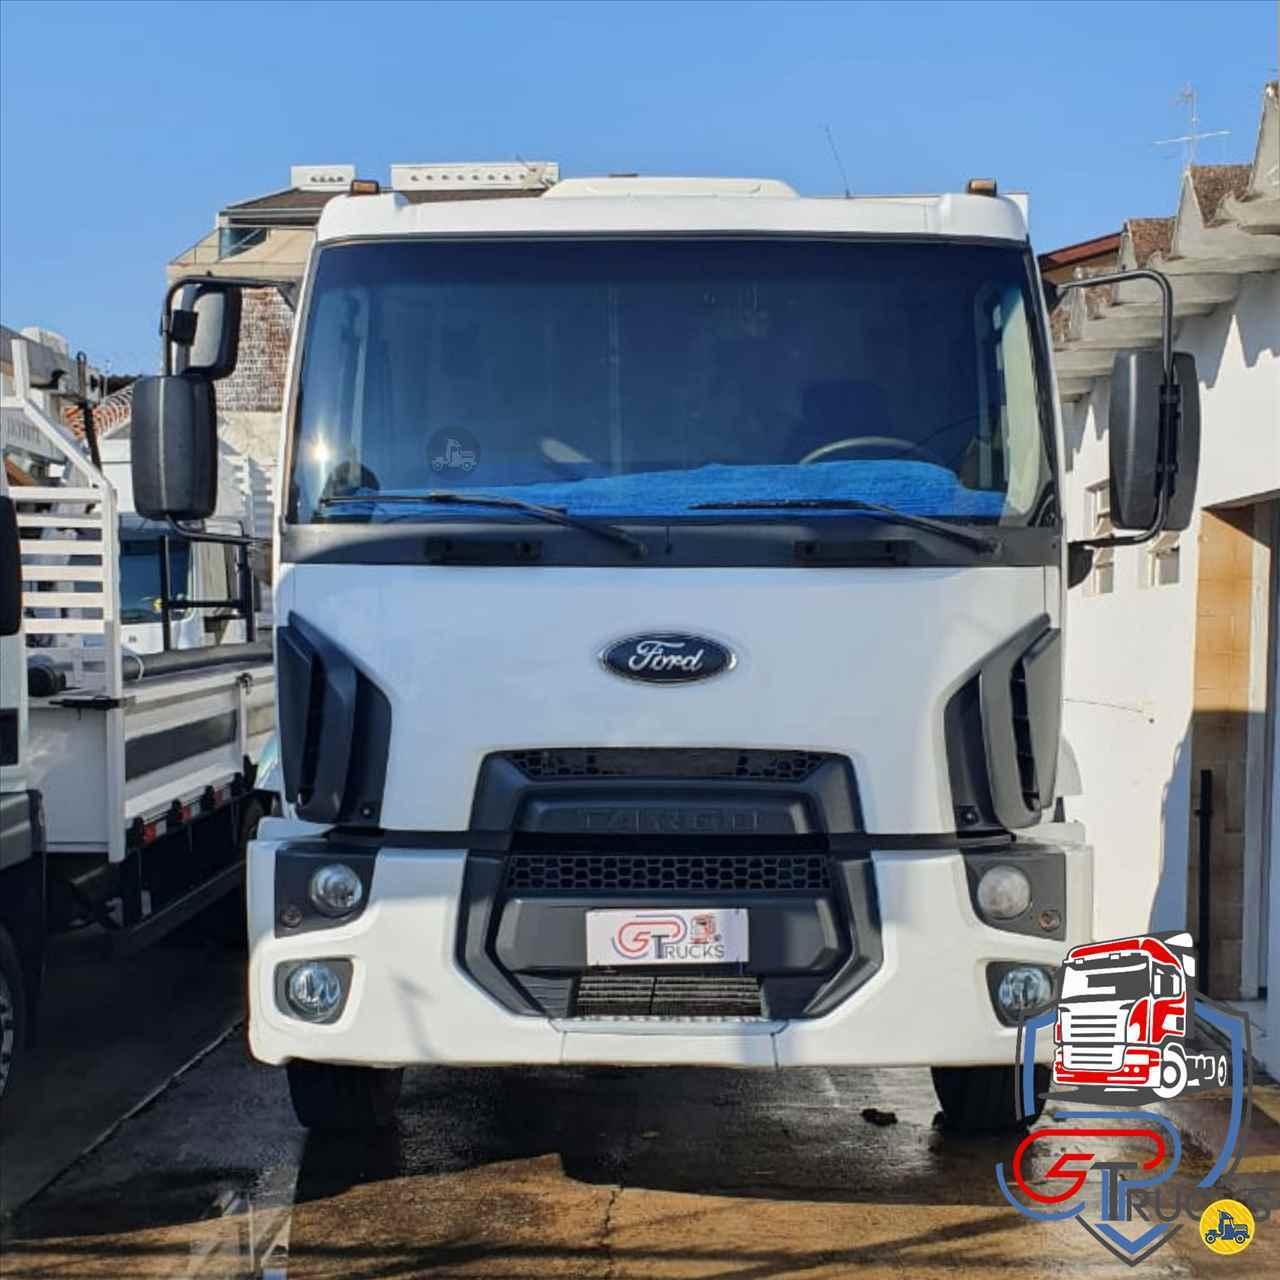 CAMINHAO FORD CARGO 2429 Chassis Truck 6x2 GP Trucks PIRACICABA SÃO PAULO SP